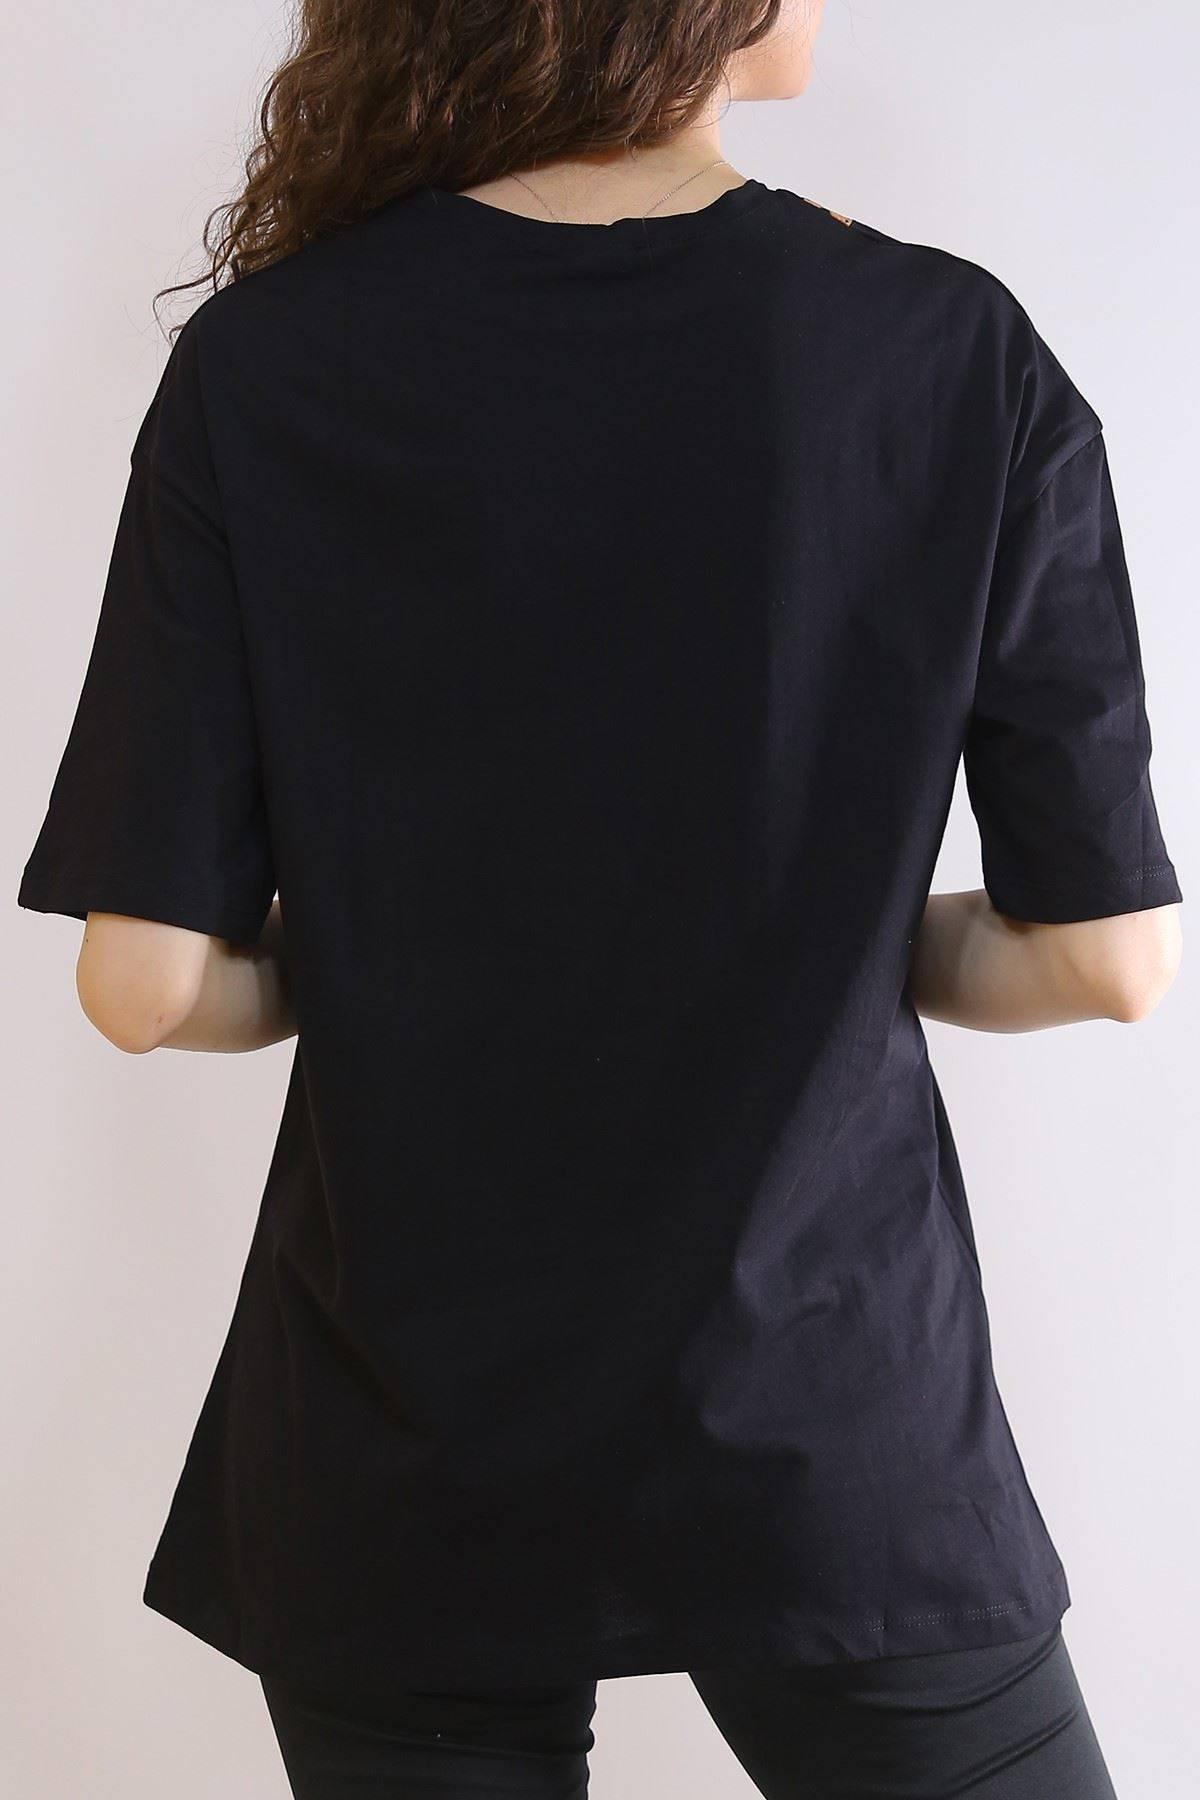 Oversıze Baskılı Tişört Siyah - 3214.196.